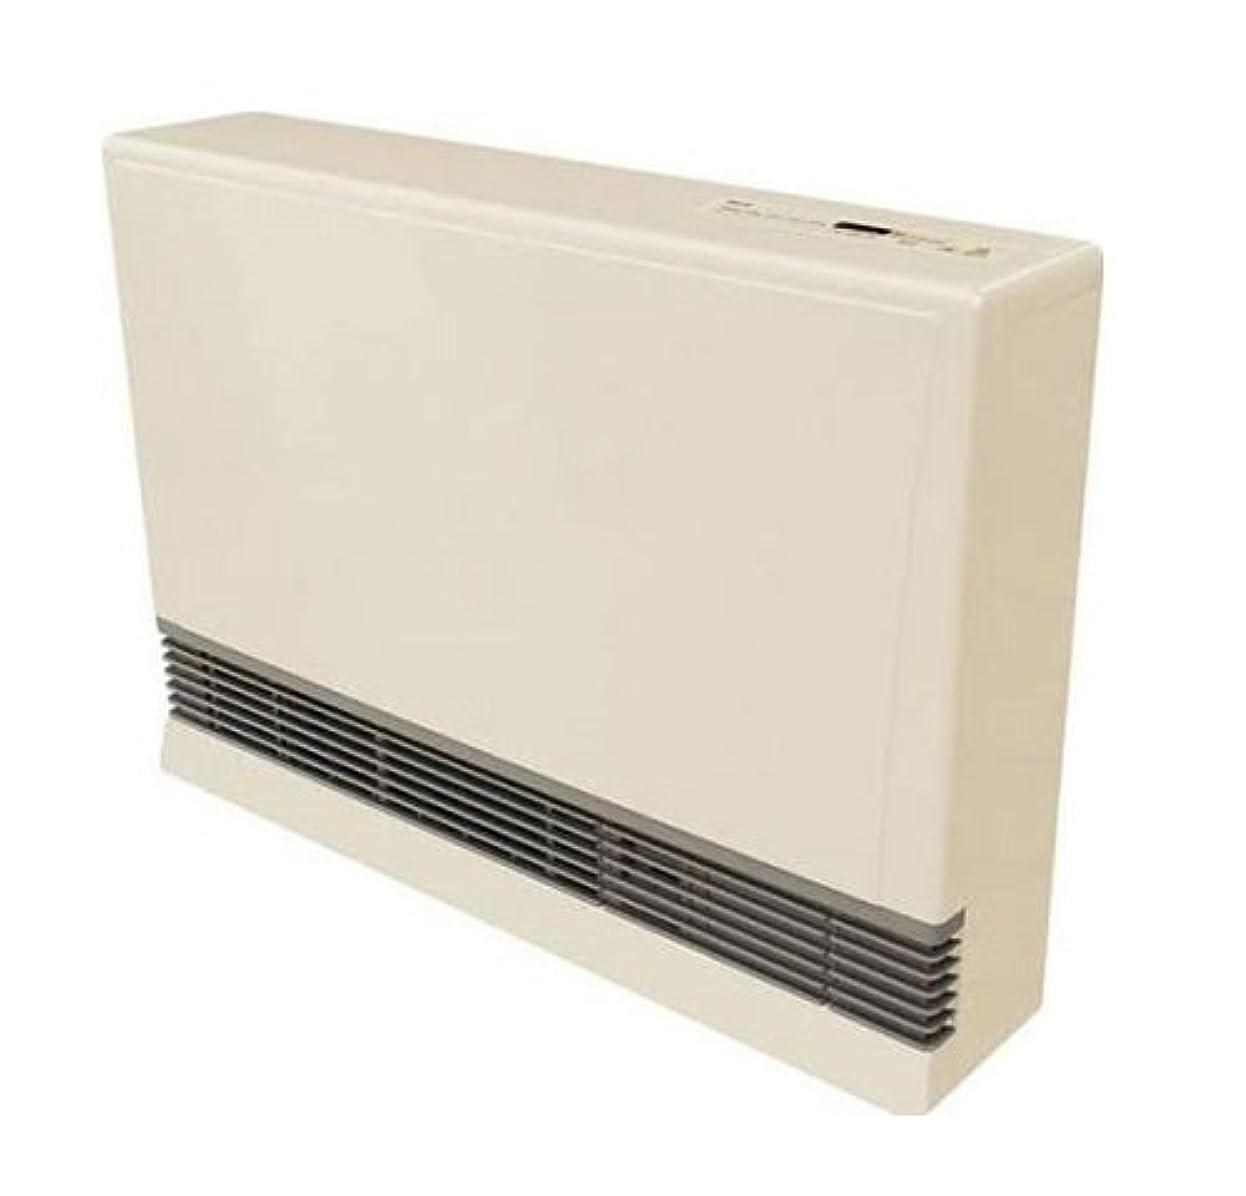 物理的な修復子孫Rinnai EX38CTLP Direct Vent Space Heater - Liquid Propane BEIGE, 141[並行輸入]